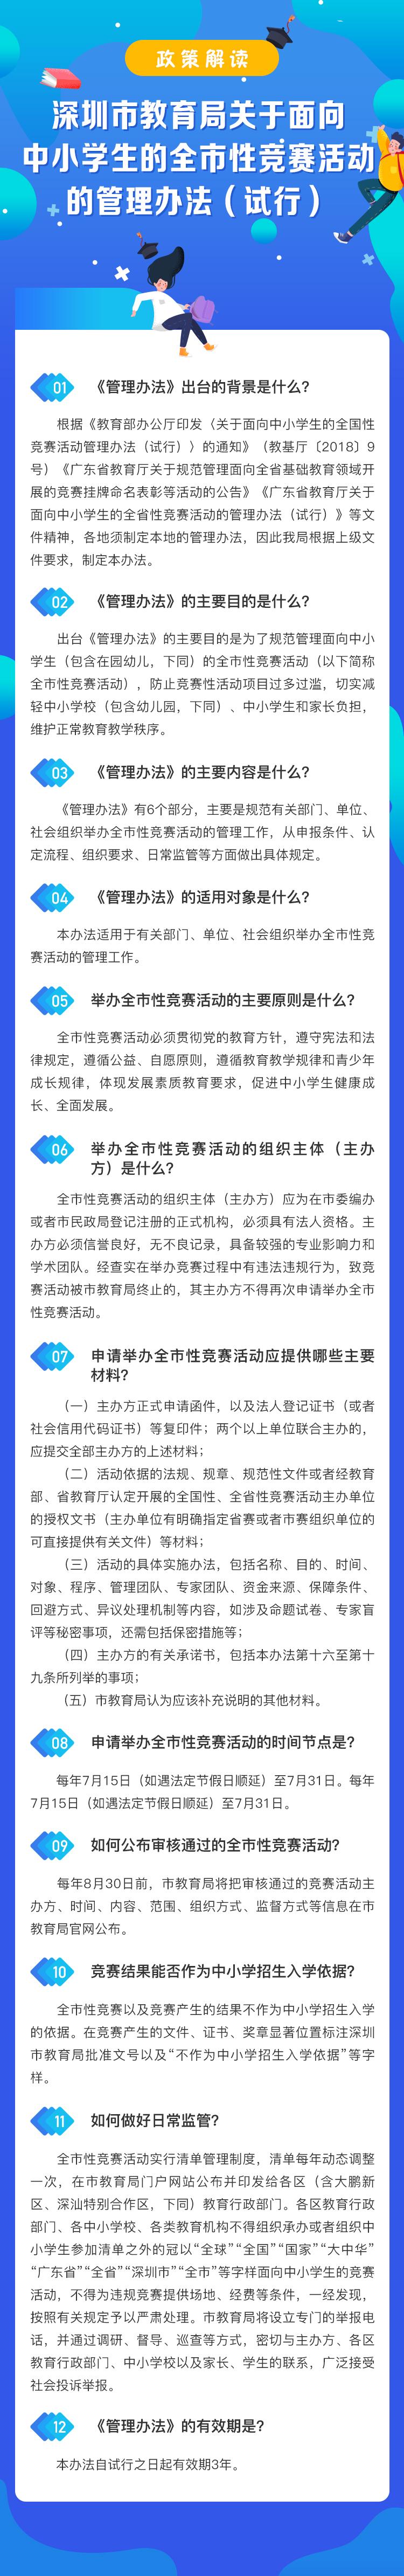 深圳市教育局关于面向中小学生的全市性竞赛活动的管理办法.jpg